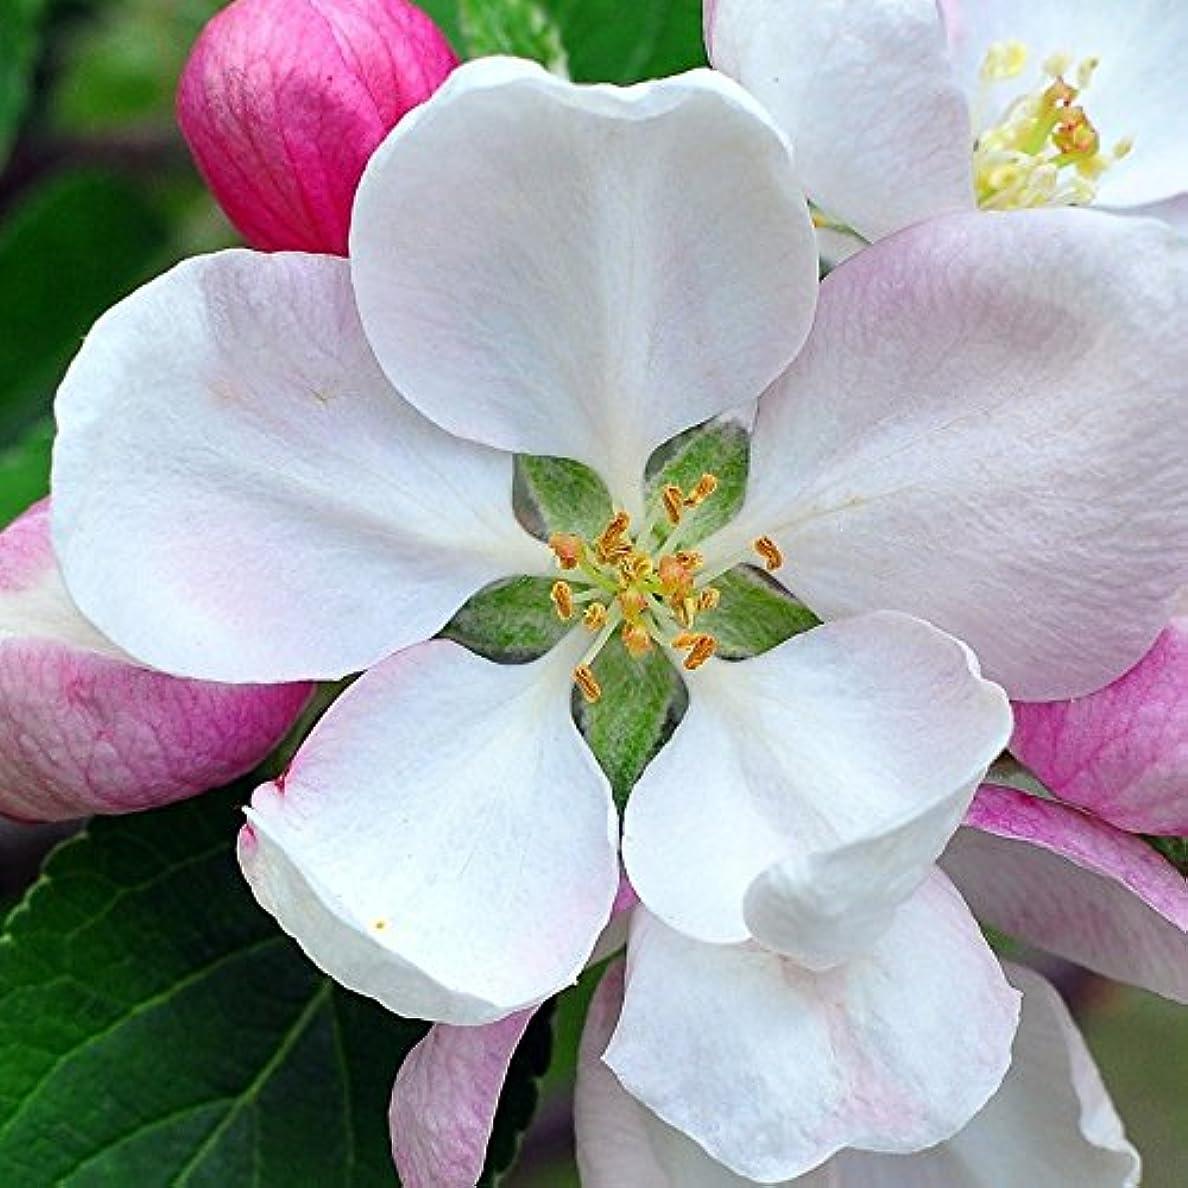 独占情熱的空気アロマフレグランスオイル 日本モクレン(Japanese Magnolia)